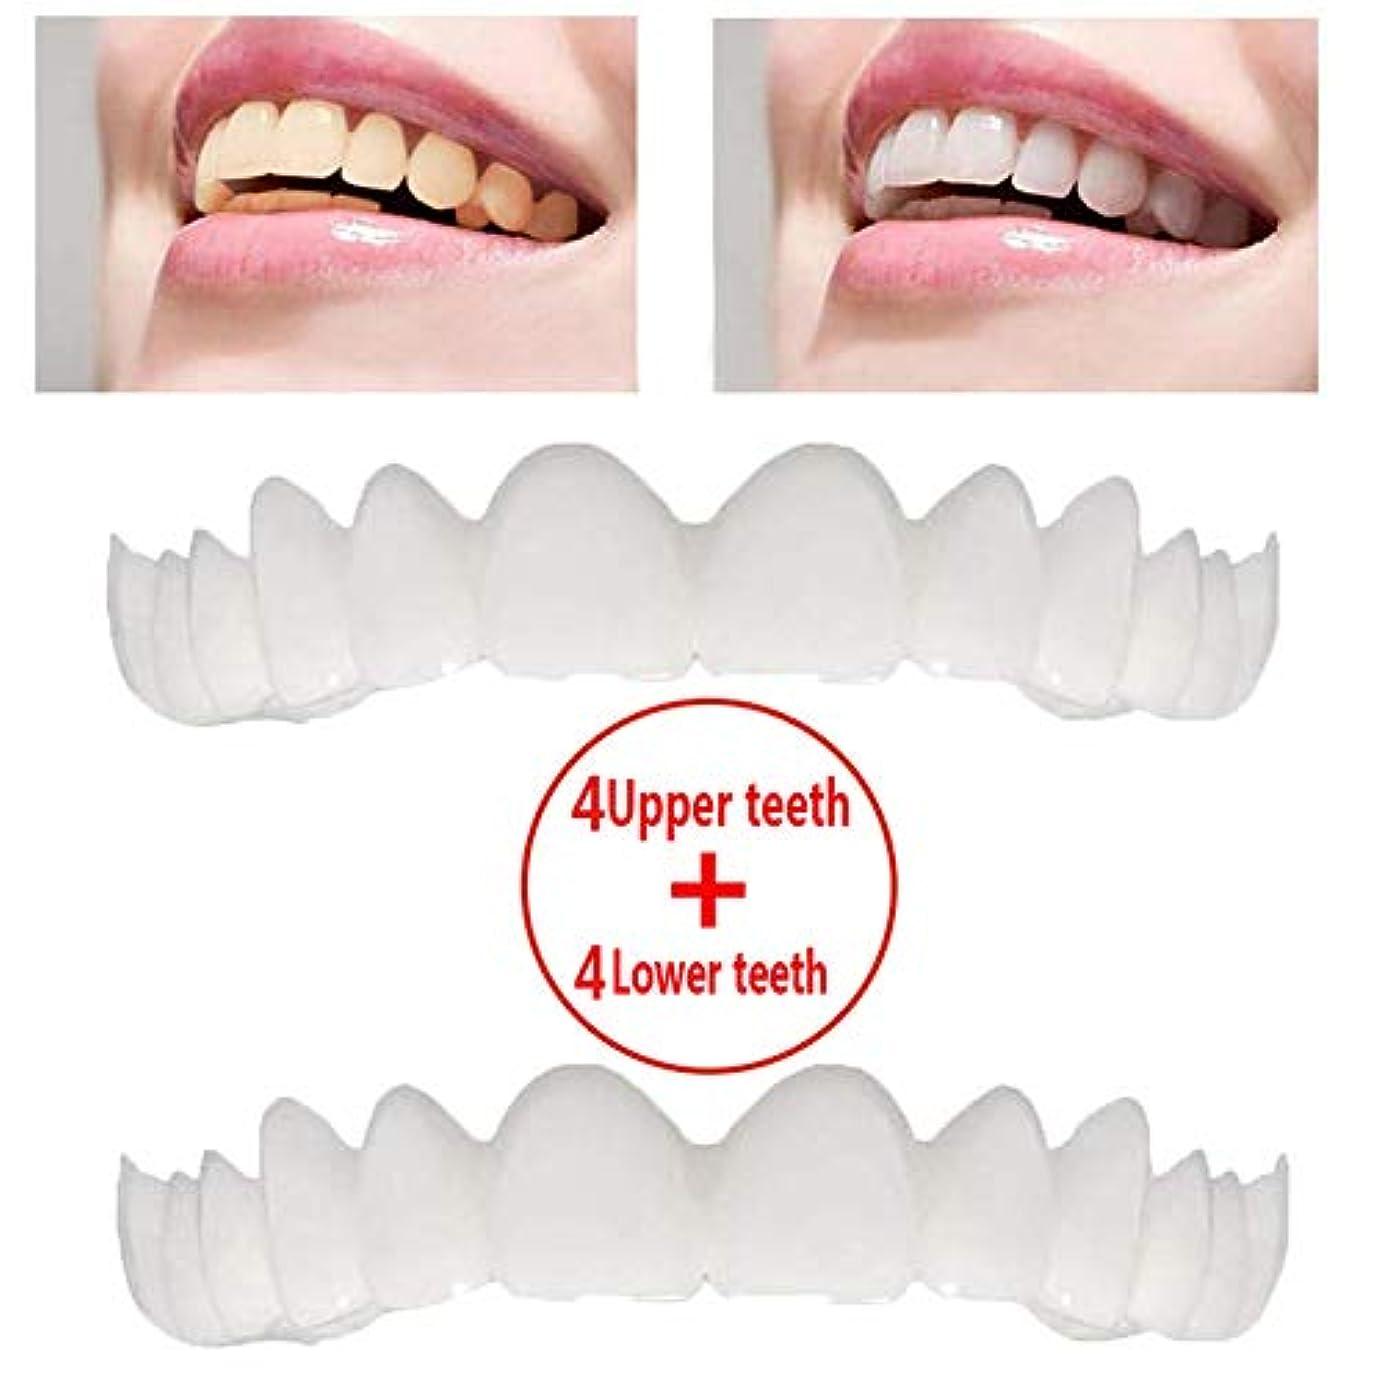 乱れ日常的にうるさい4組の一時的な化粧品の歯の義歯の微笑の慰めの適合の屈曲の化粧品の歯はブレースを模倣しました